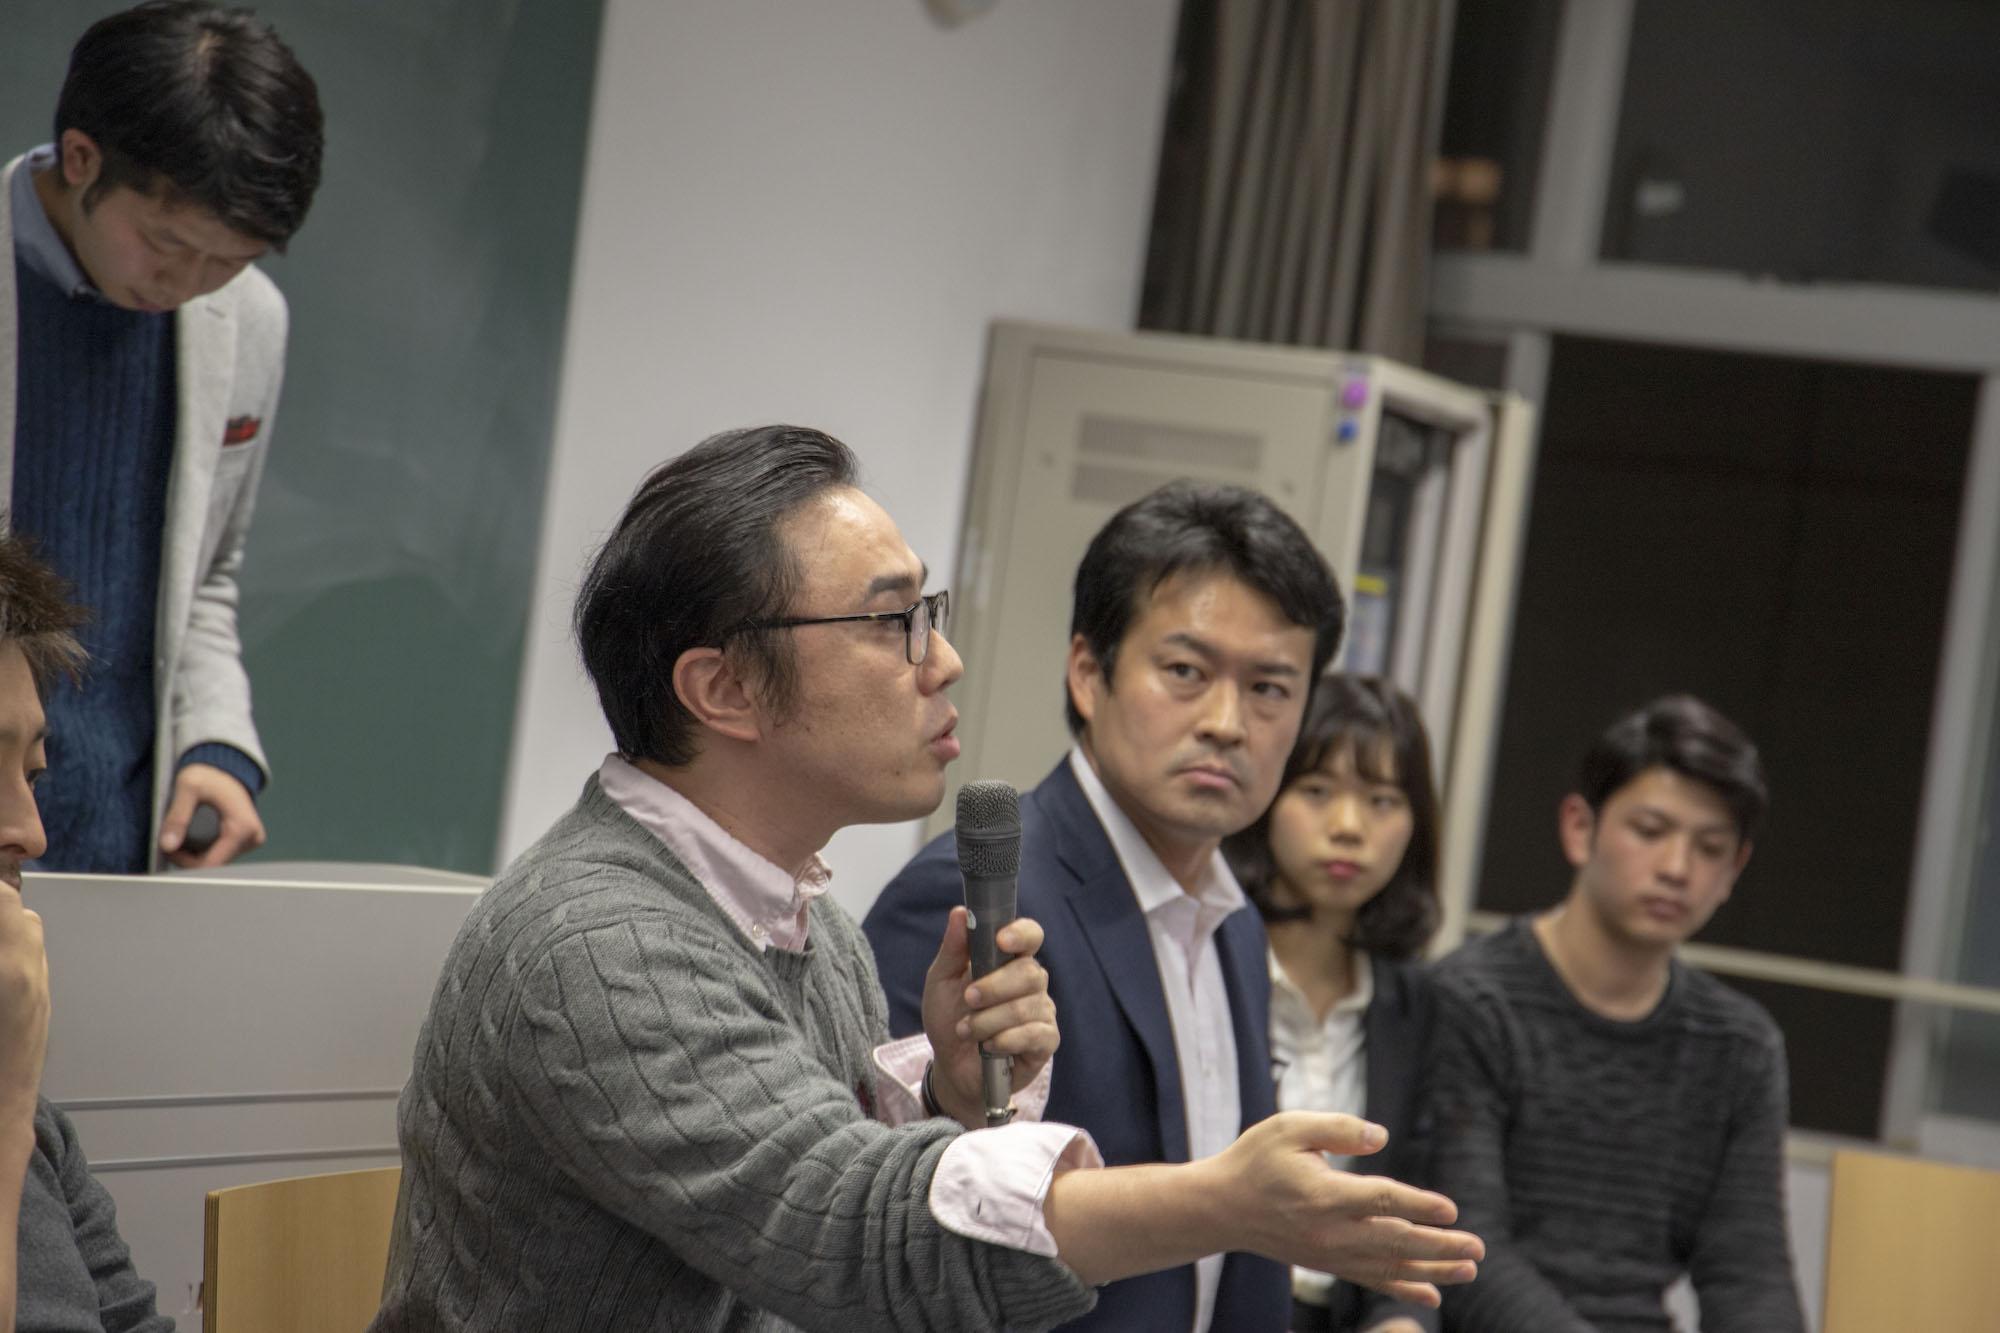 あの「ビリギャル」坪田先生なら、こう答える。人の才能を伸ばすために大事なこと